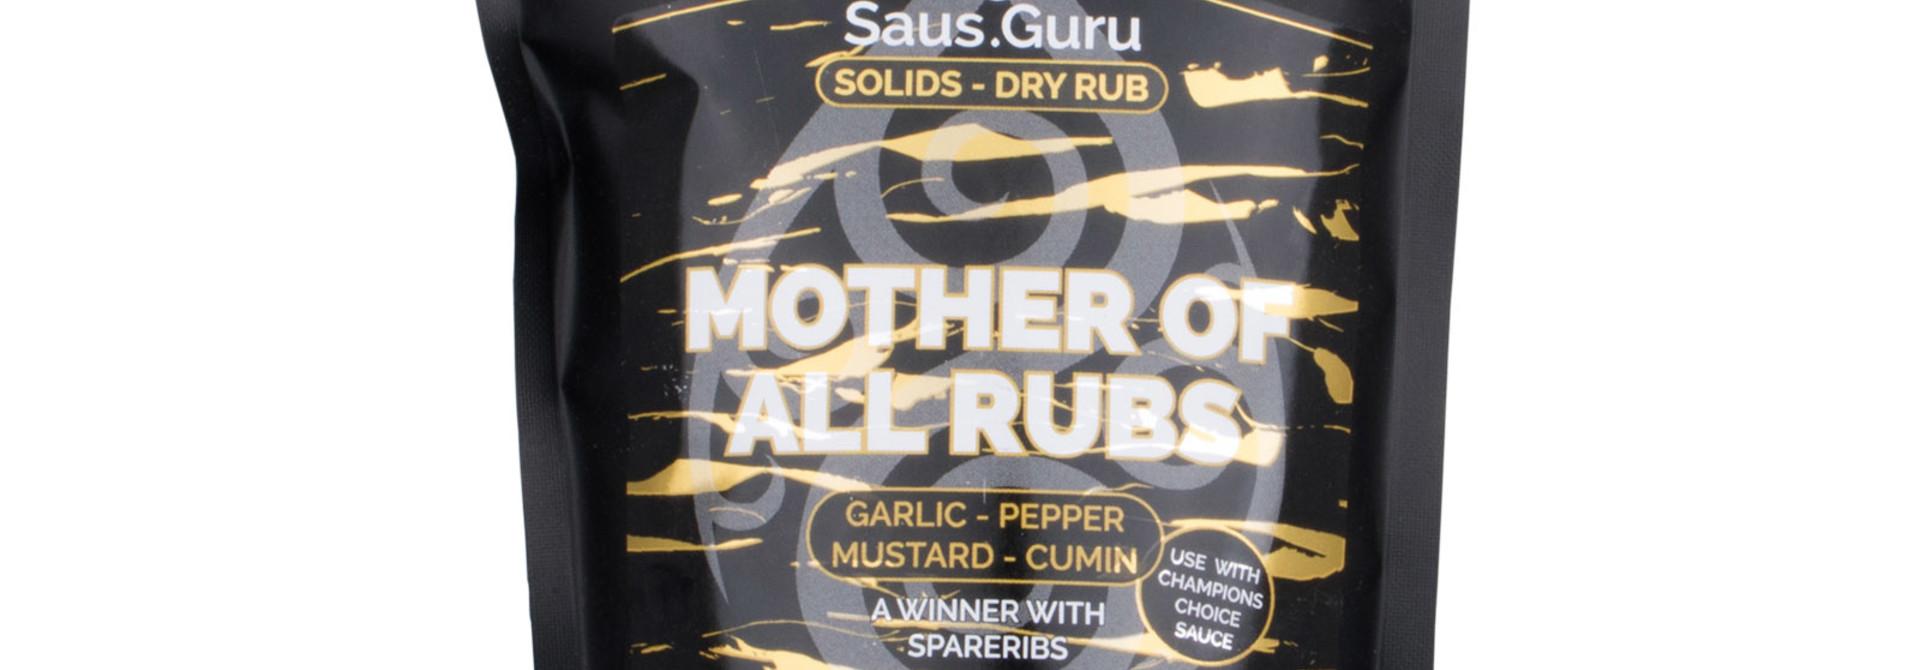 Saus.Guru's Mother Of All Rubs